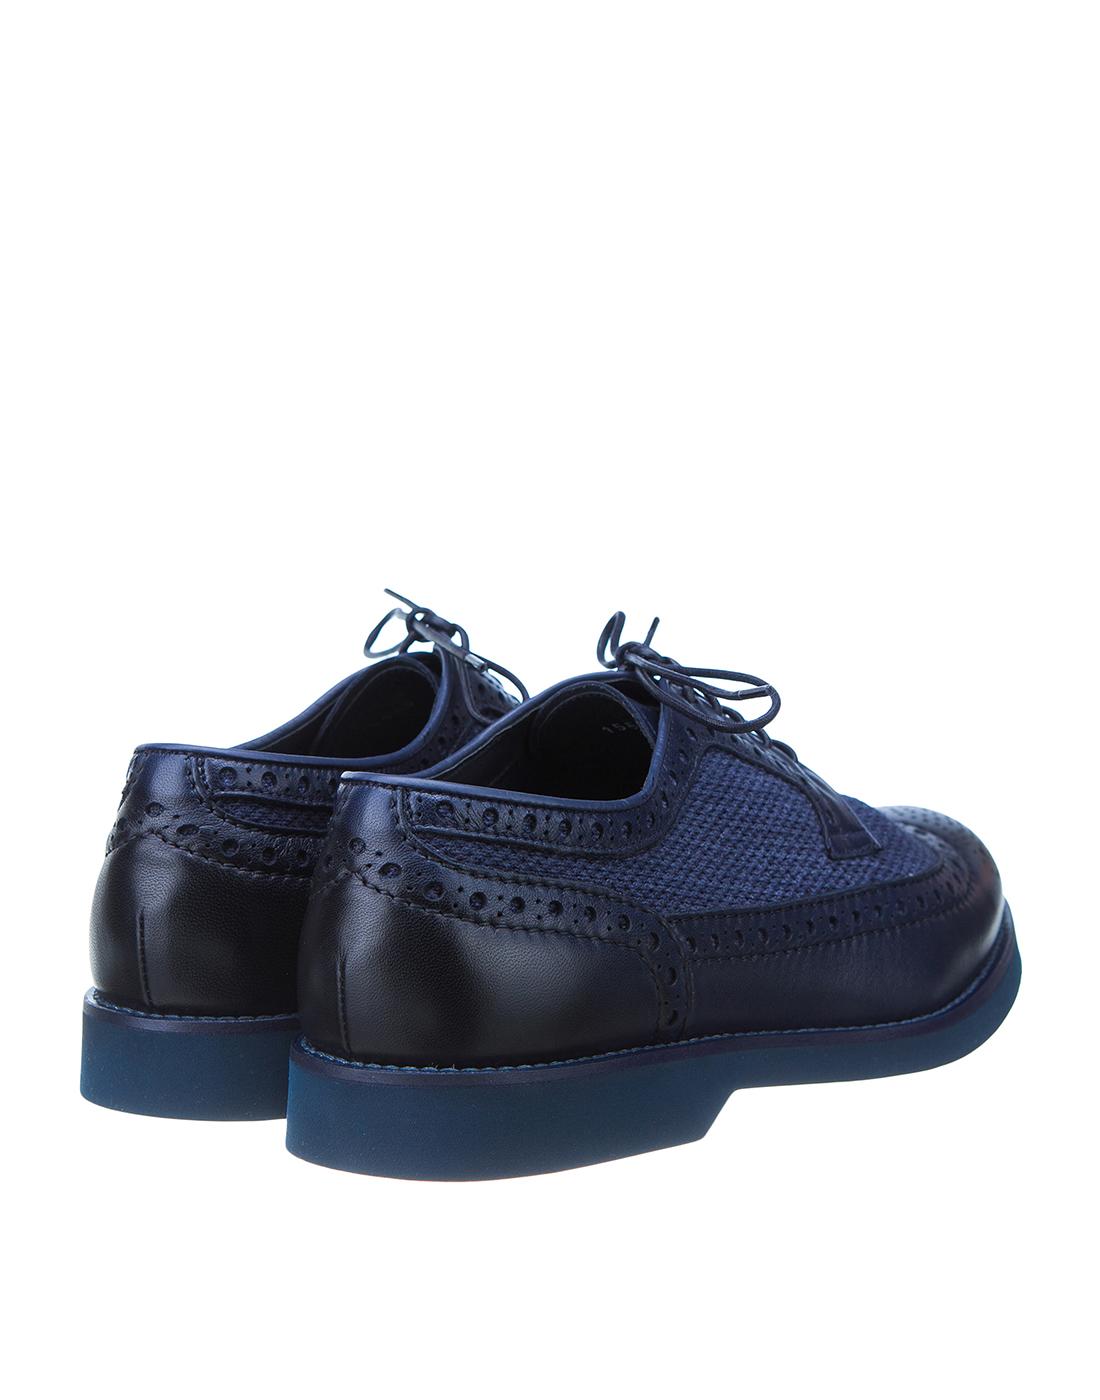 Броги синие мужские  Doucal's SDU1555POTERZ093BB02-3